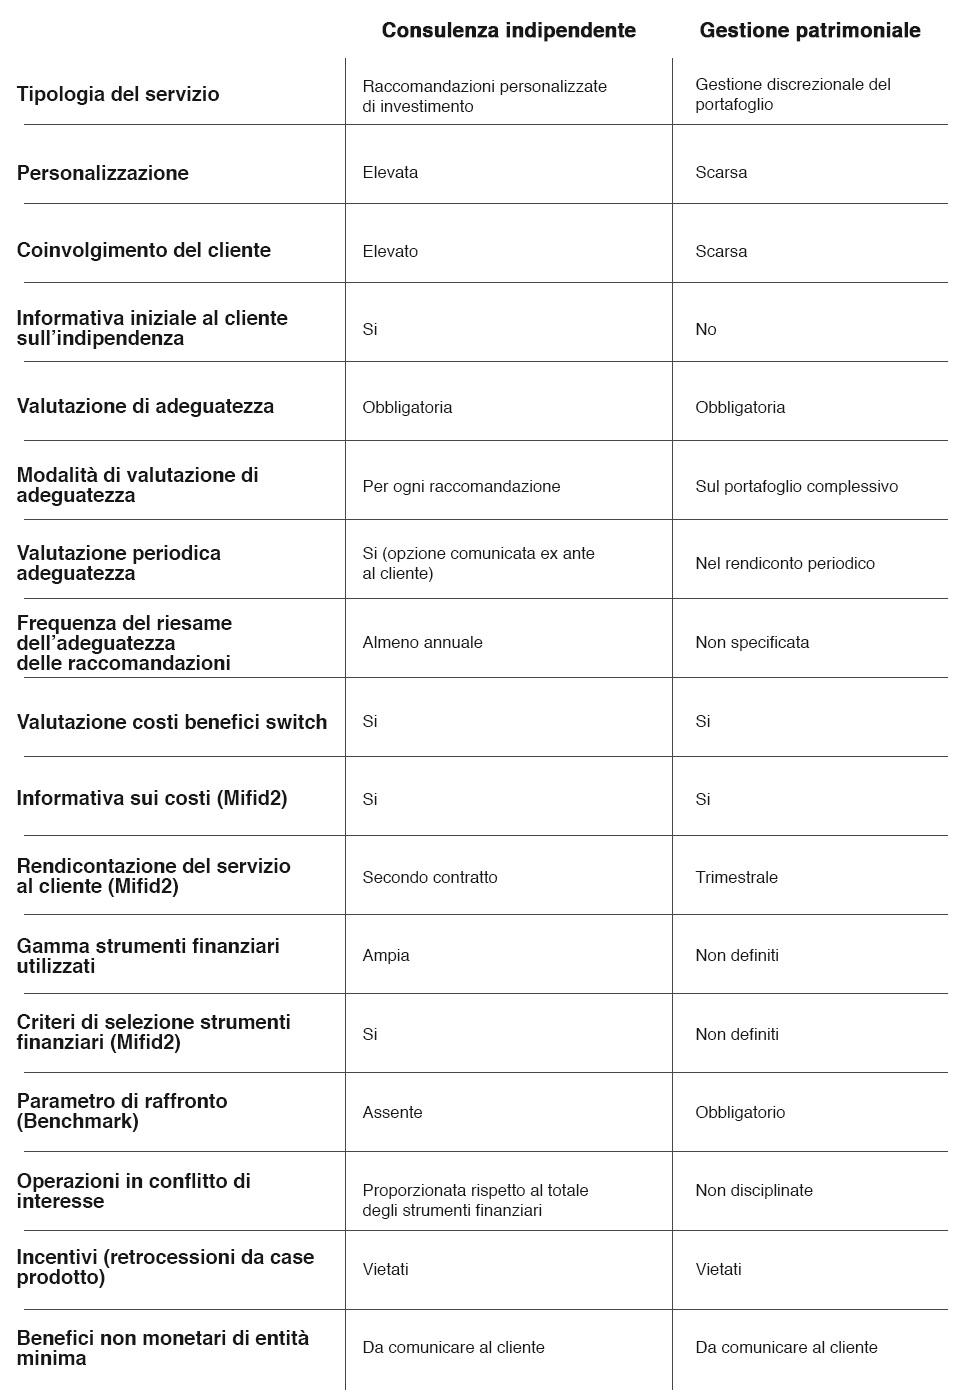 tabella-consulenza-vs-gest-patr